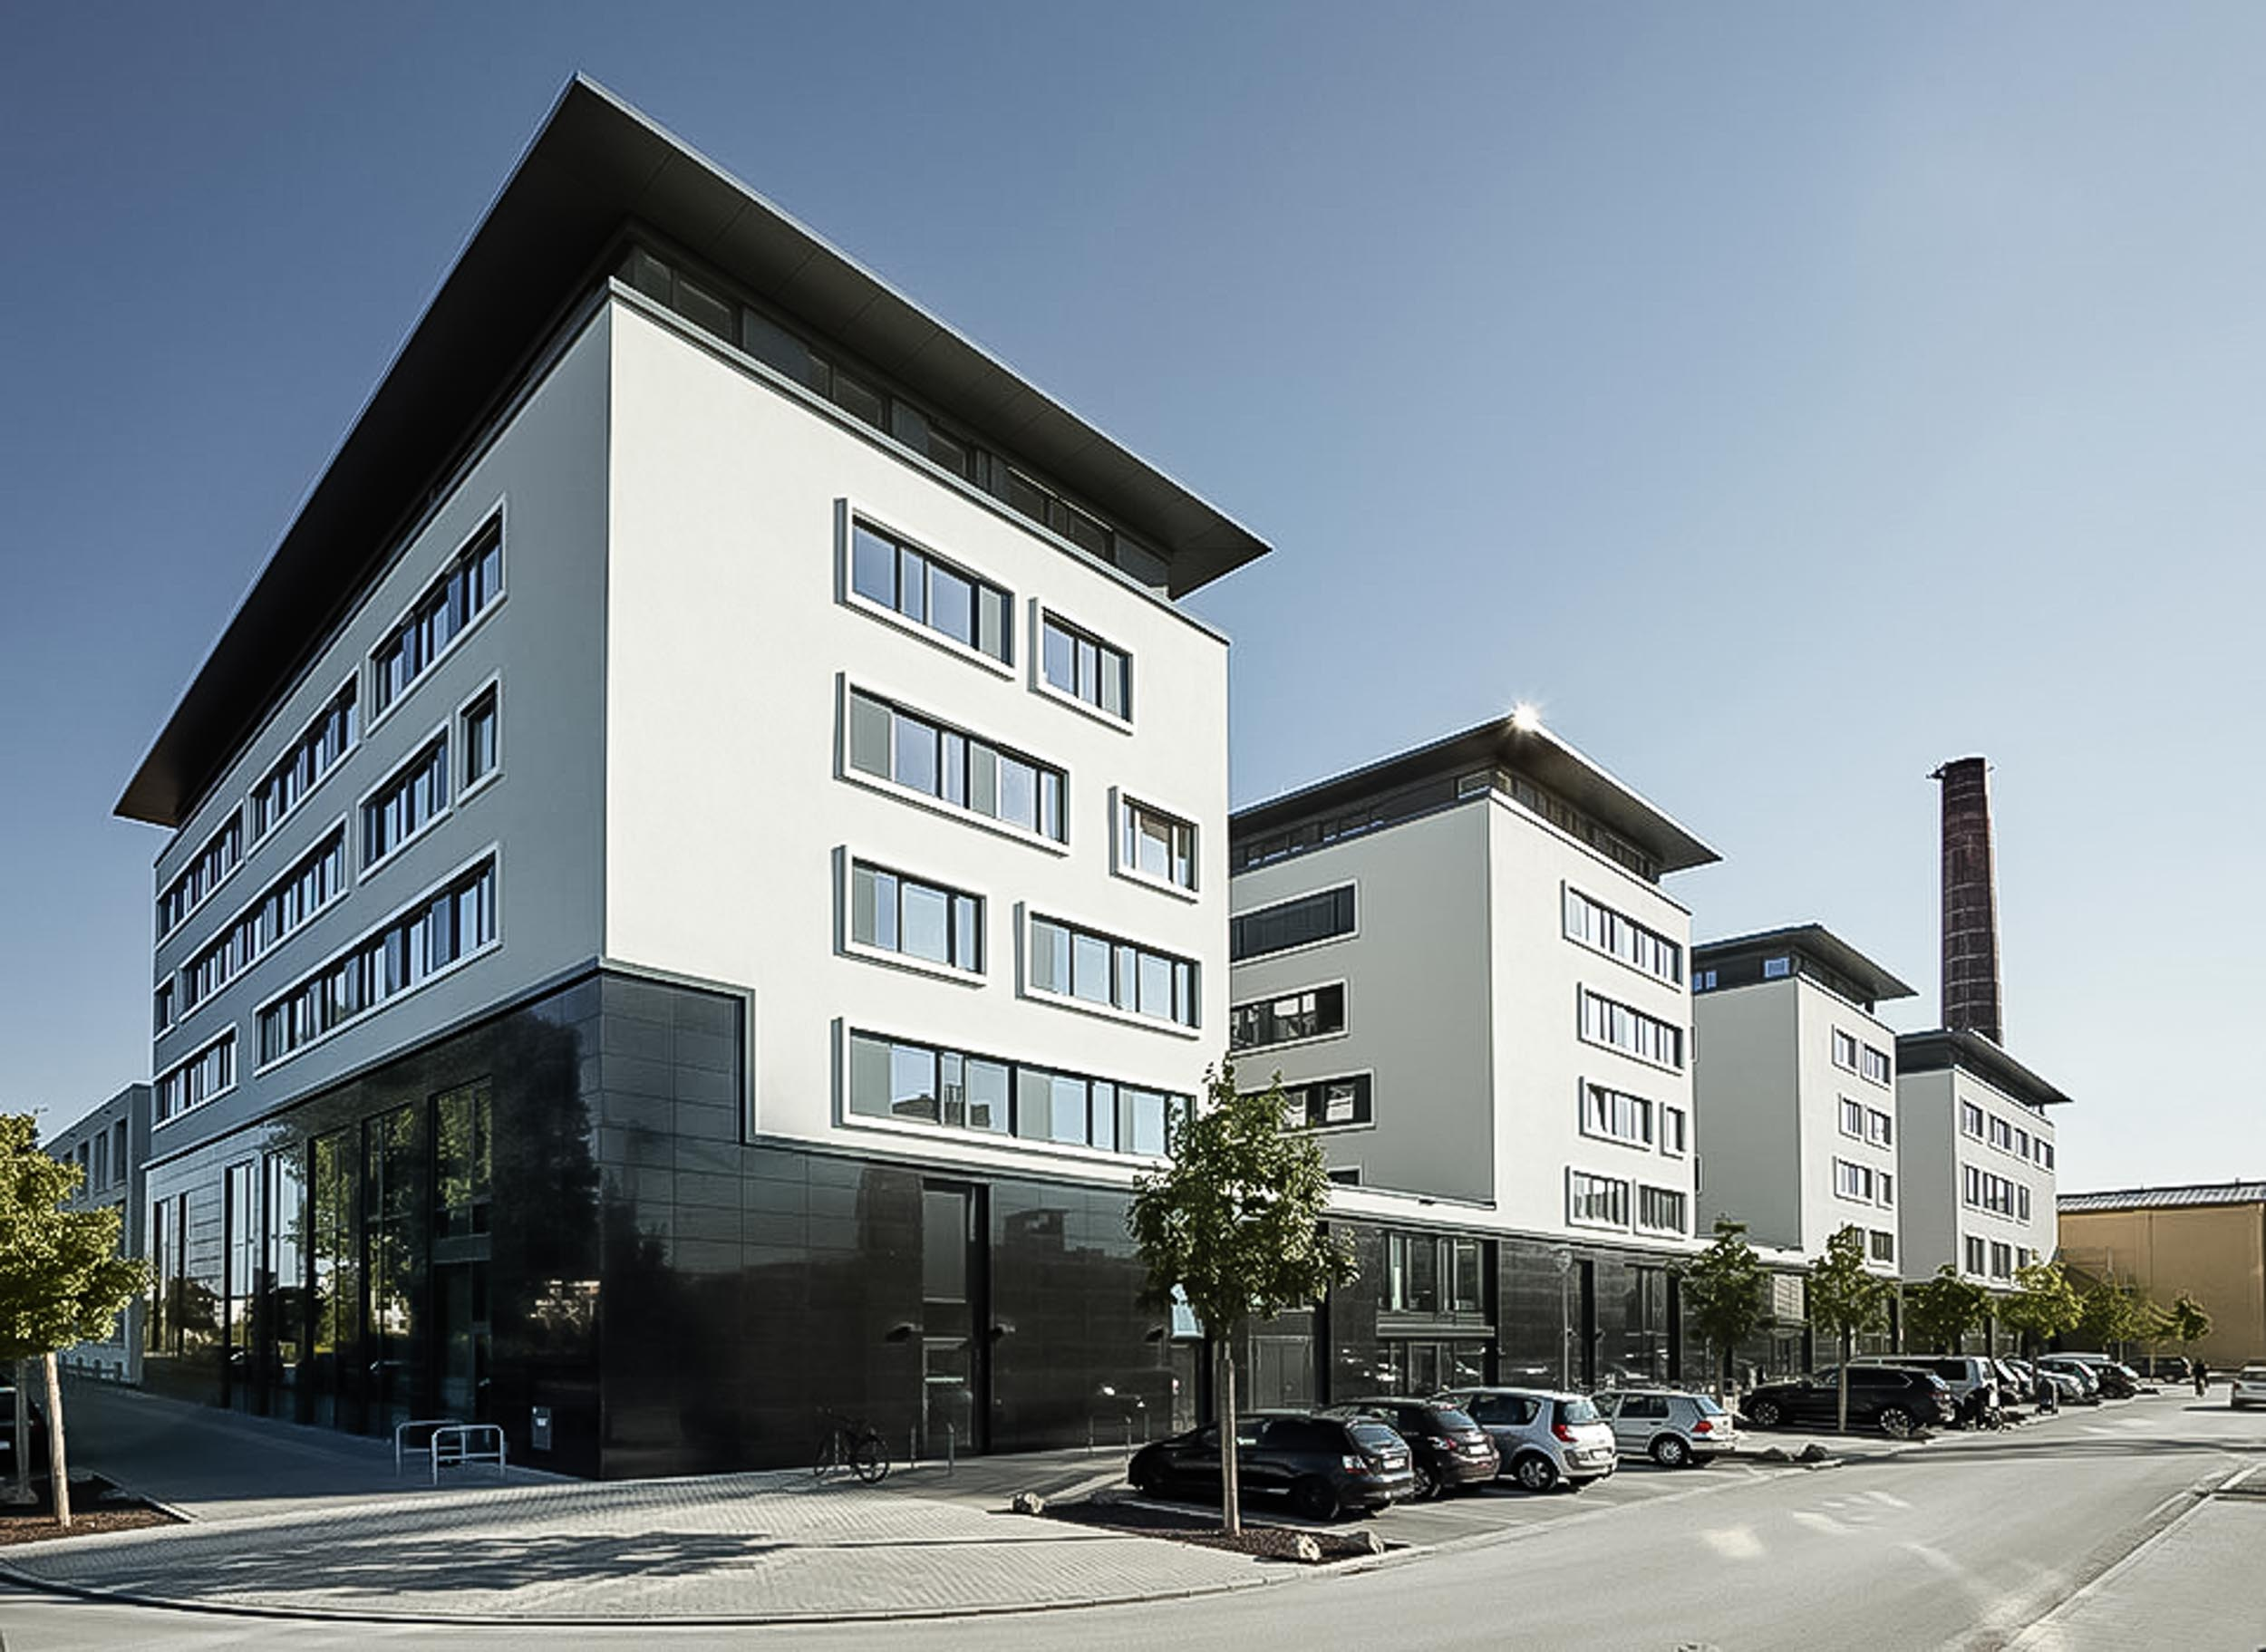 Paribus Hochschulportfolio Bayern - Außenansicht Universität Bamberg